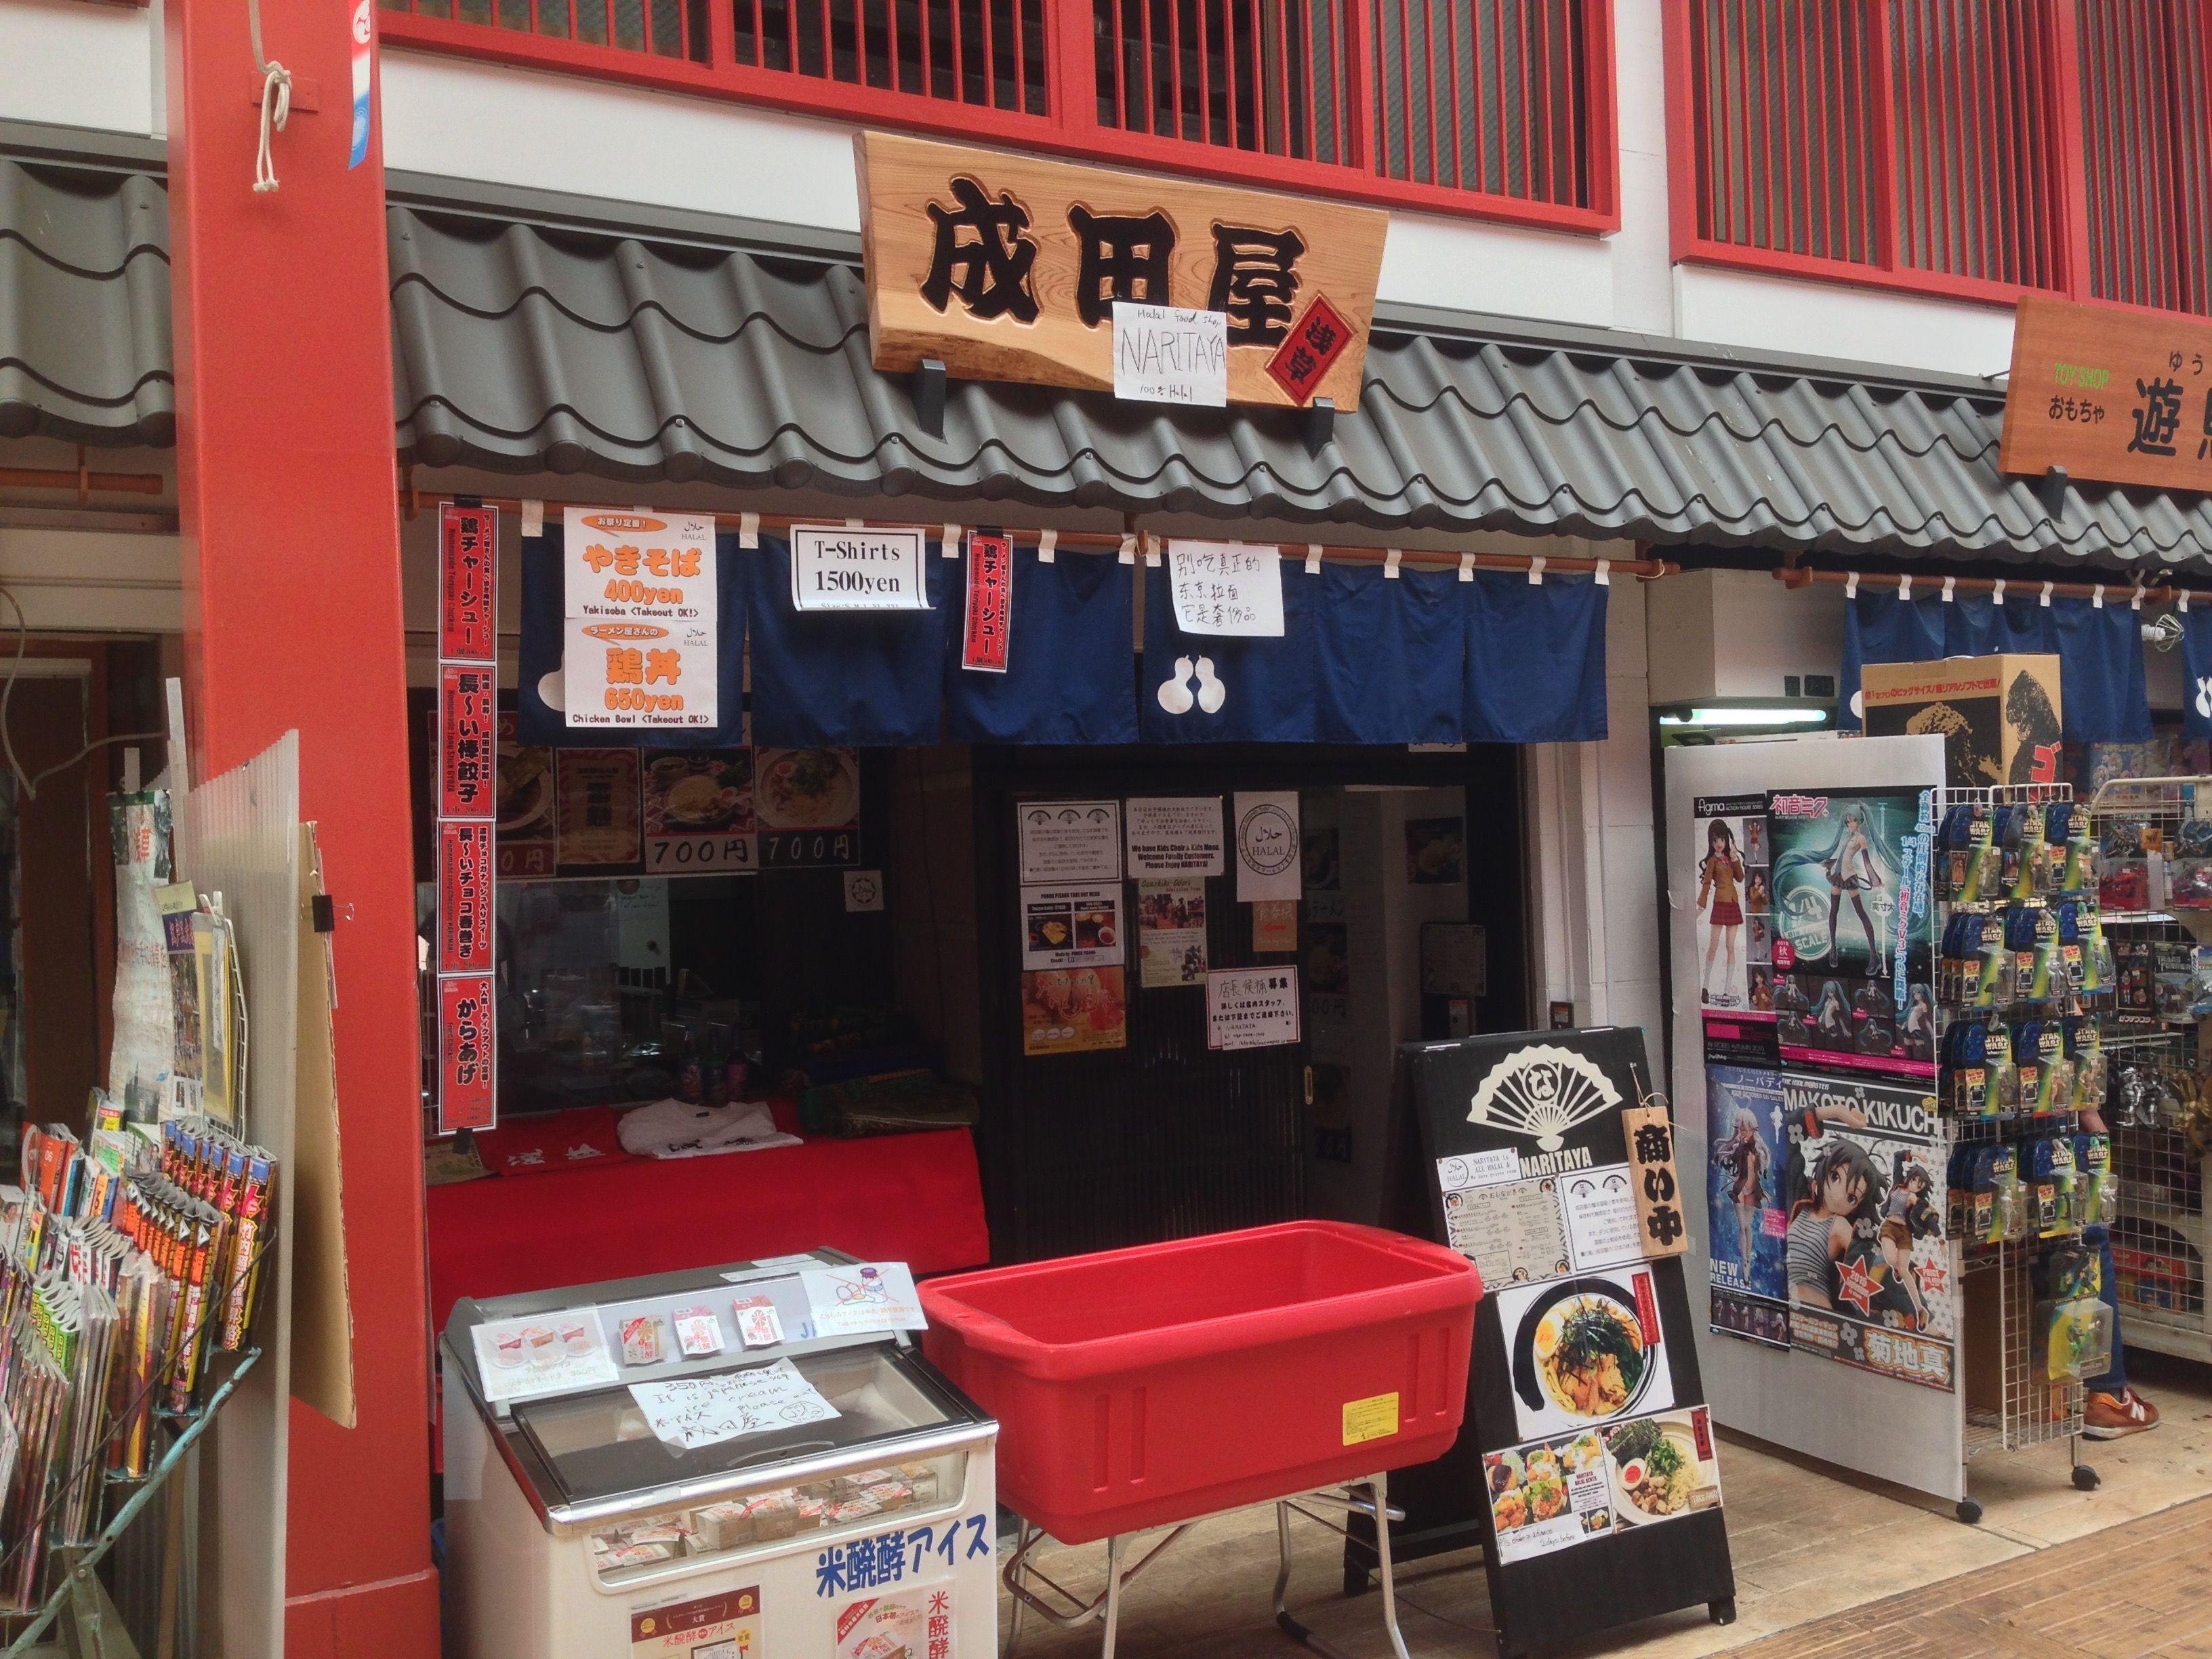 Naritaya This Is Halal Ramen Restaurant At Ueno Halal Recipes Japan Food Halal